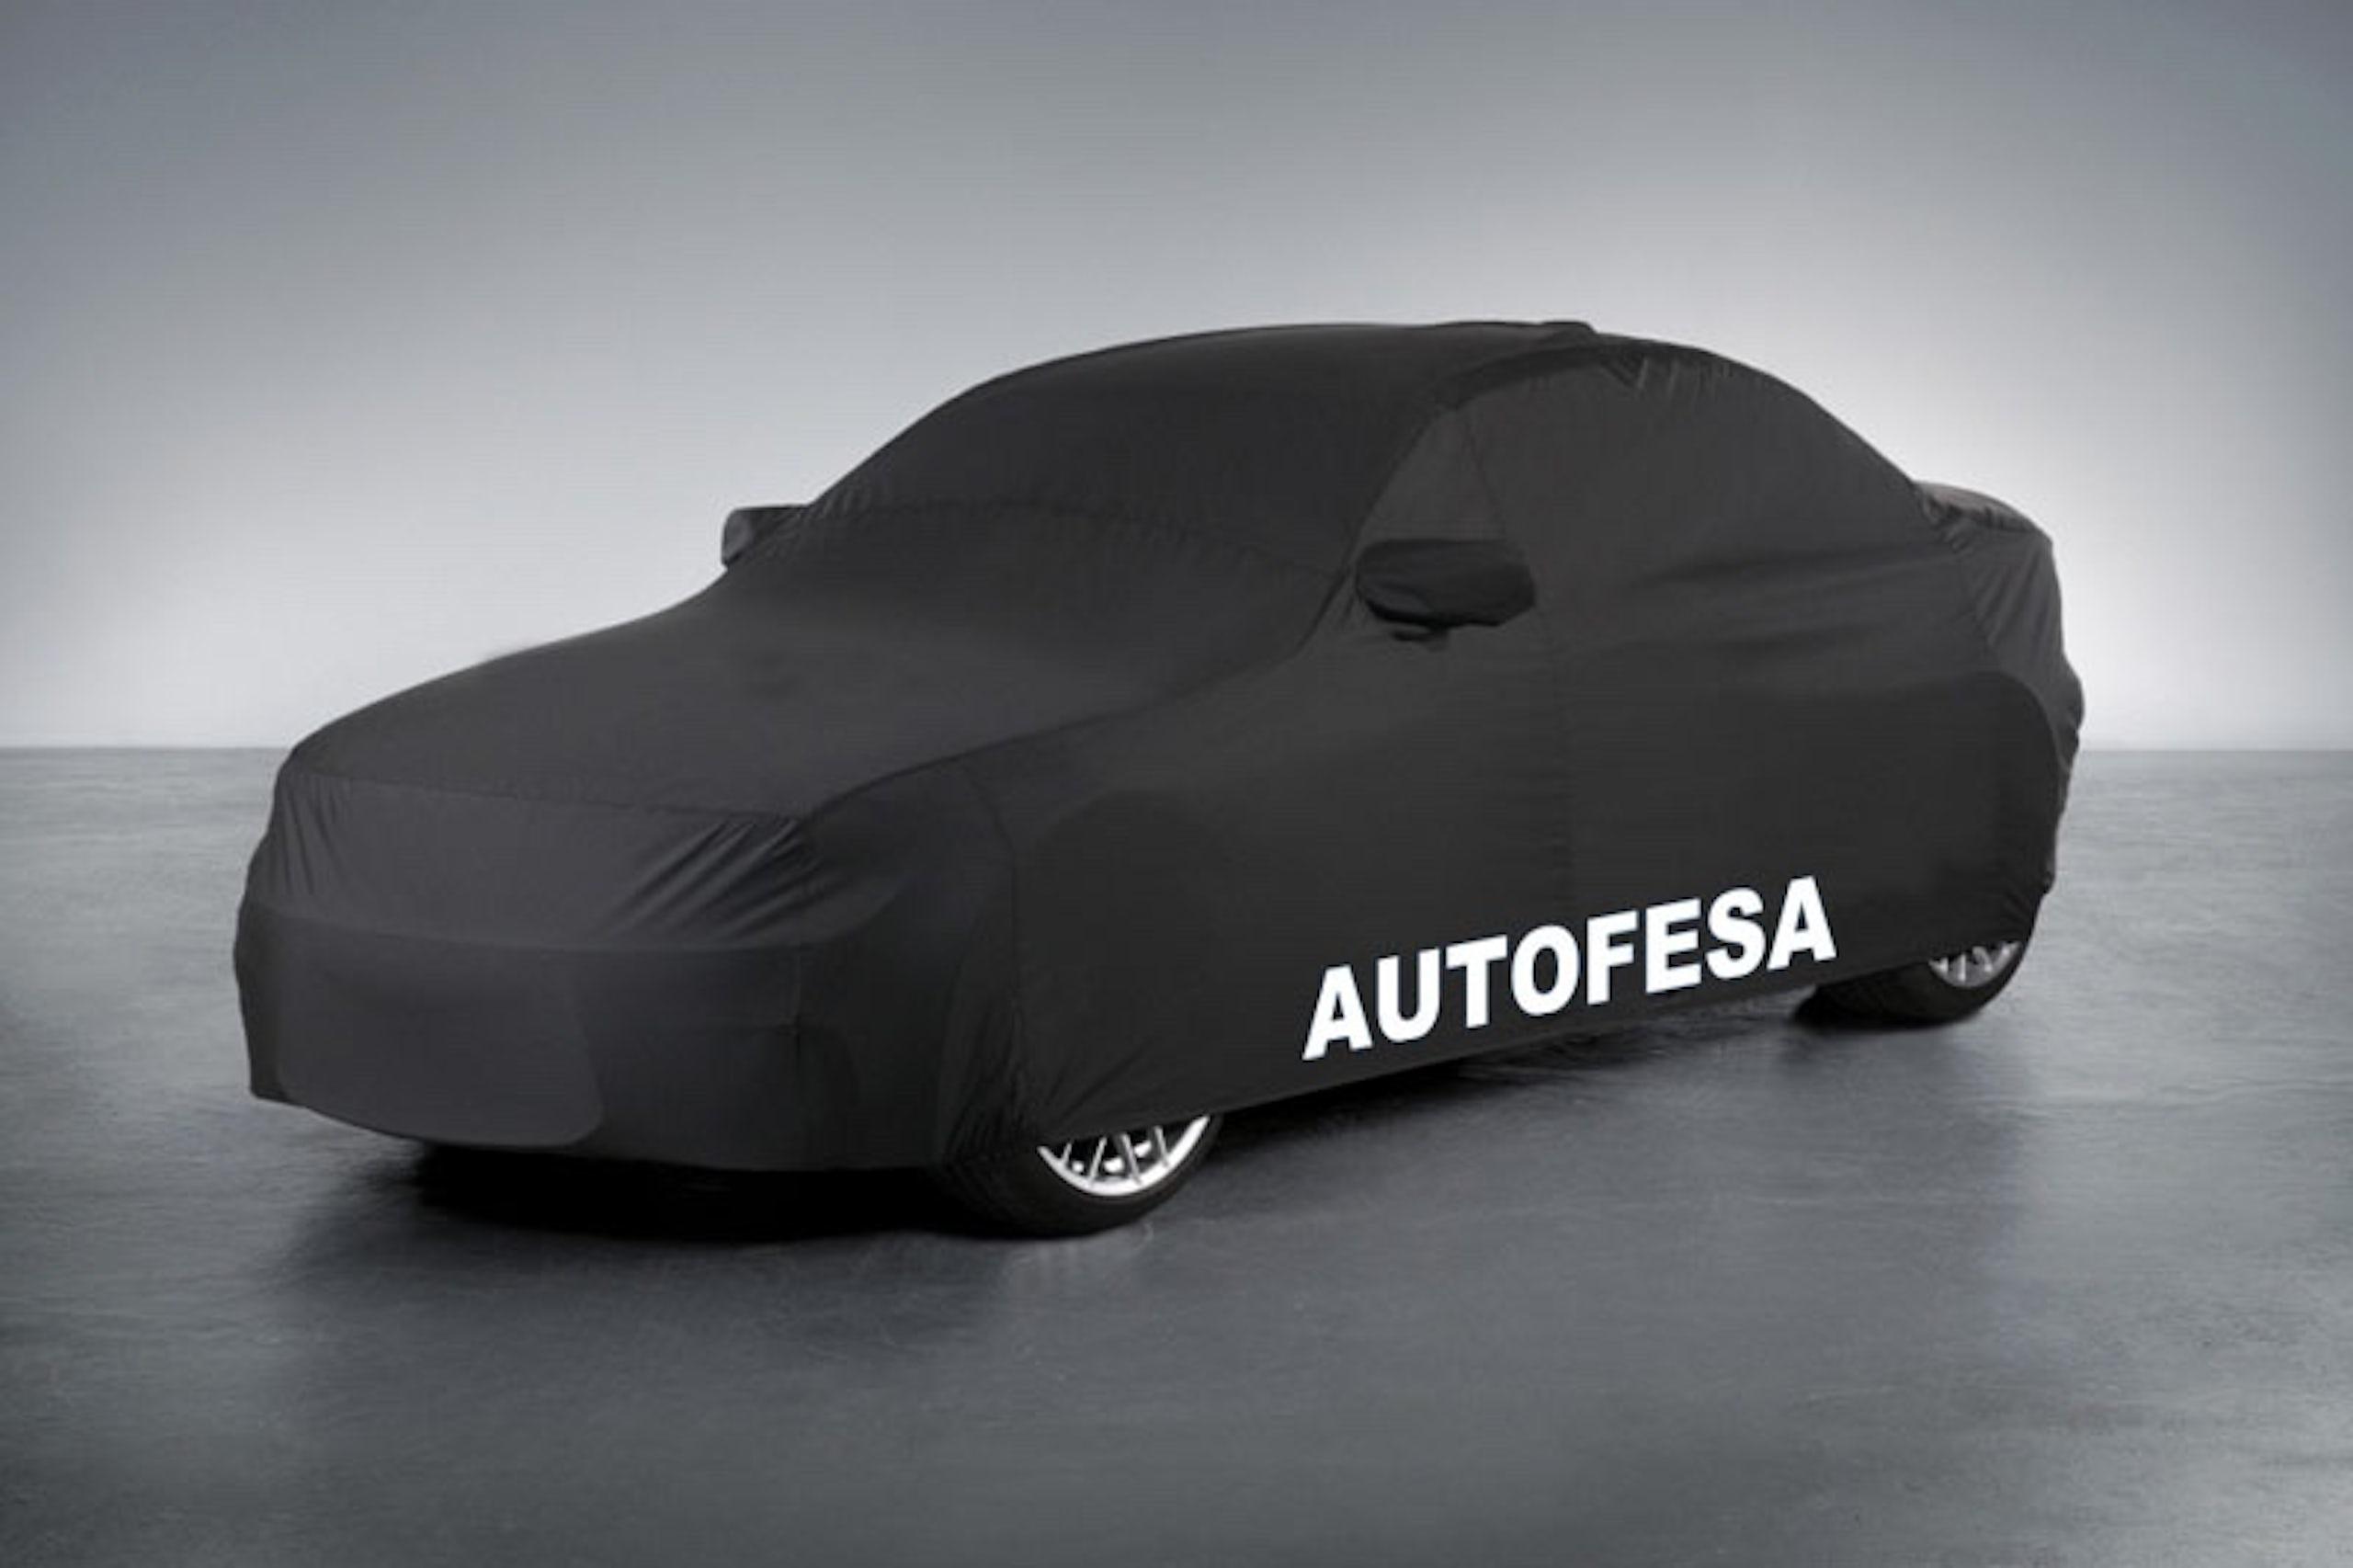 Audi A4 Avant 2.0 TDI 150cv Auto 5p S/S - Foto 23